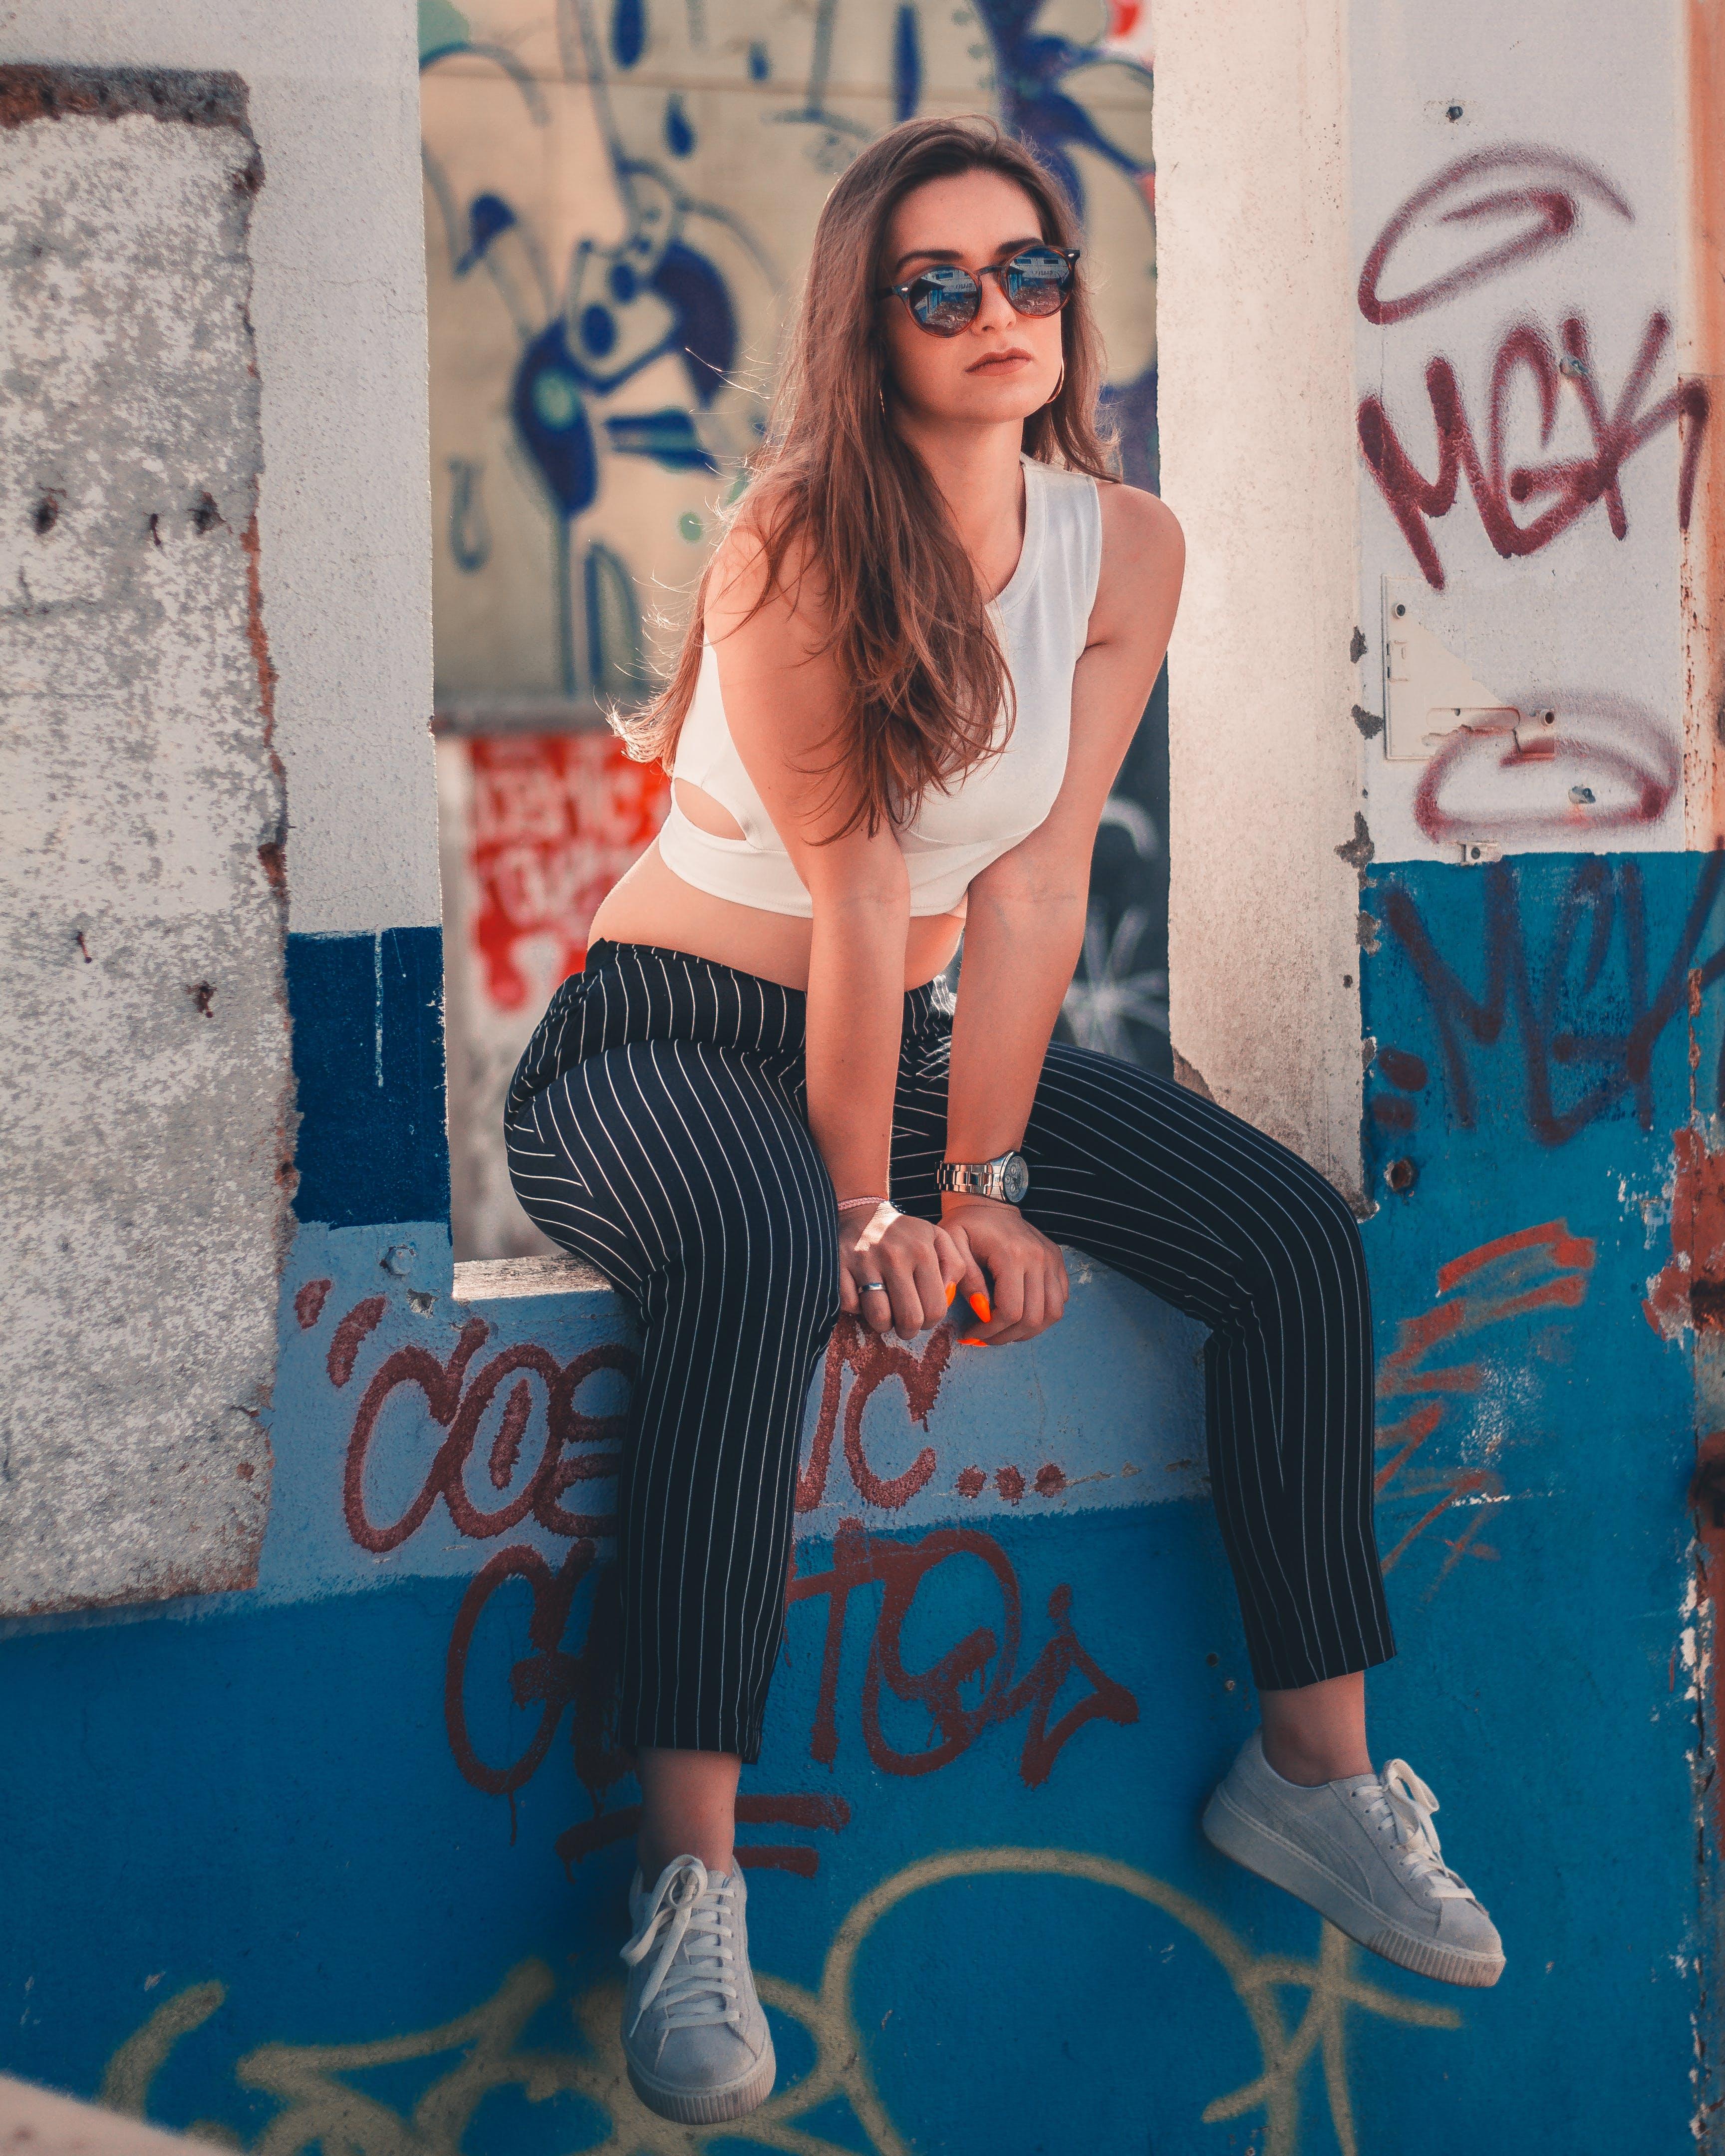 Δωρεάν στοκ φωτογραφιών με casual, άνθρωπος, αστικός, γκράφιτι